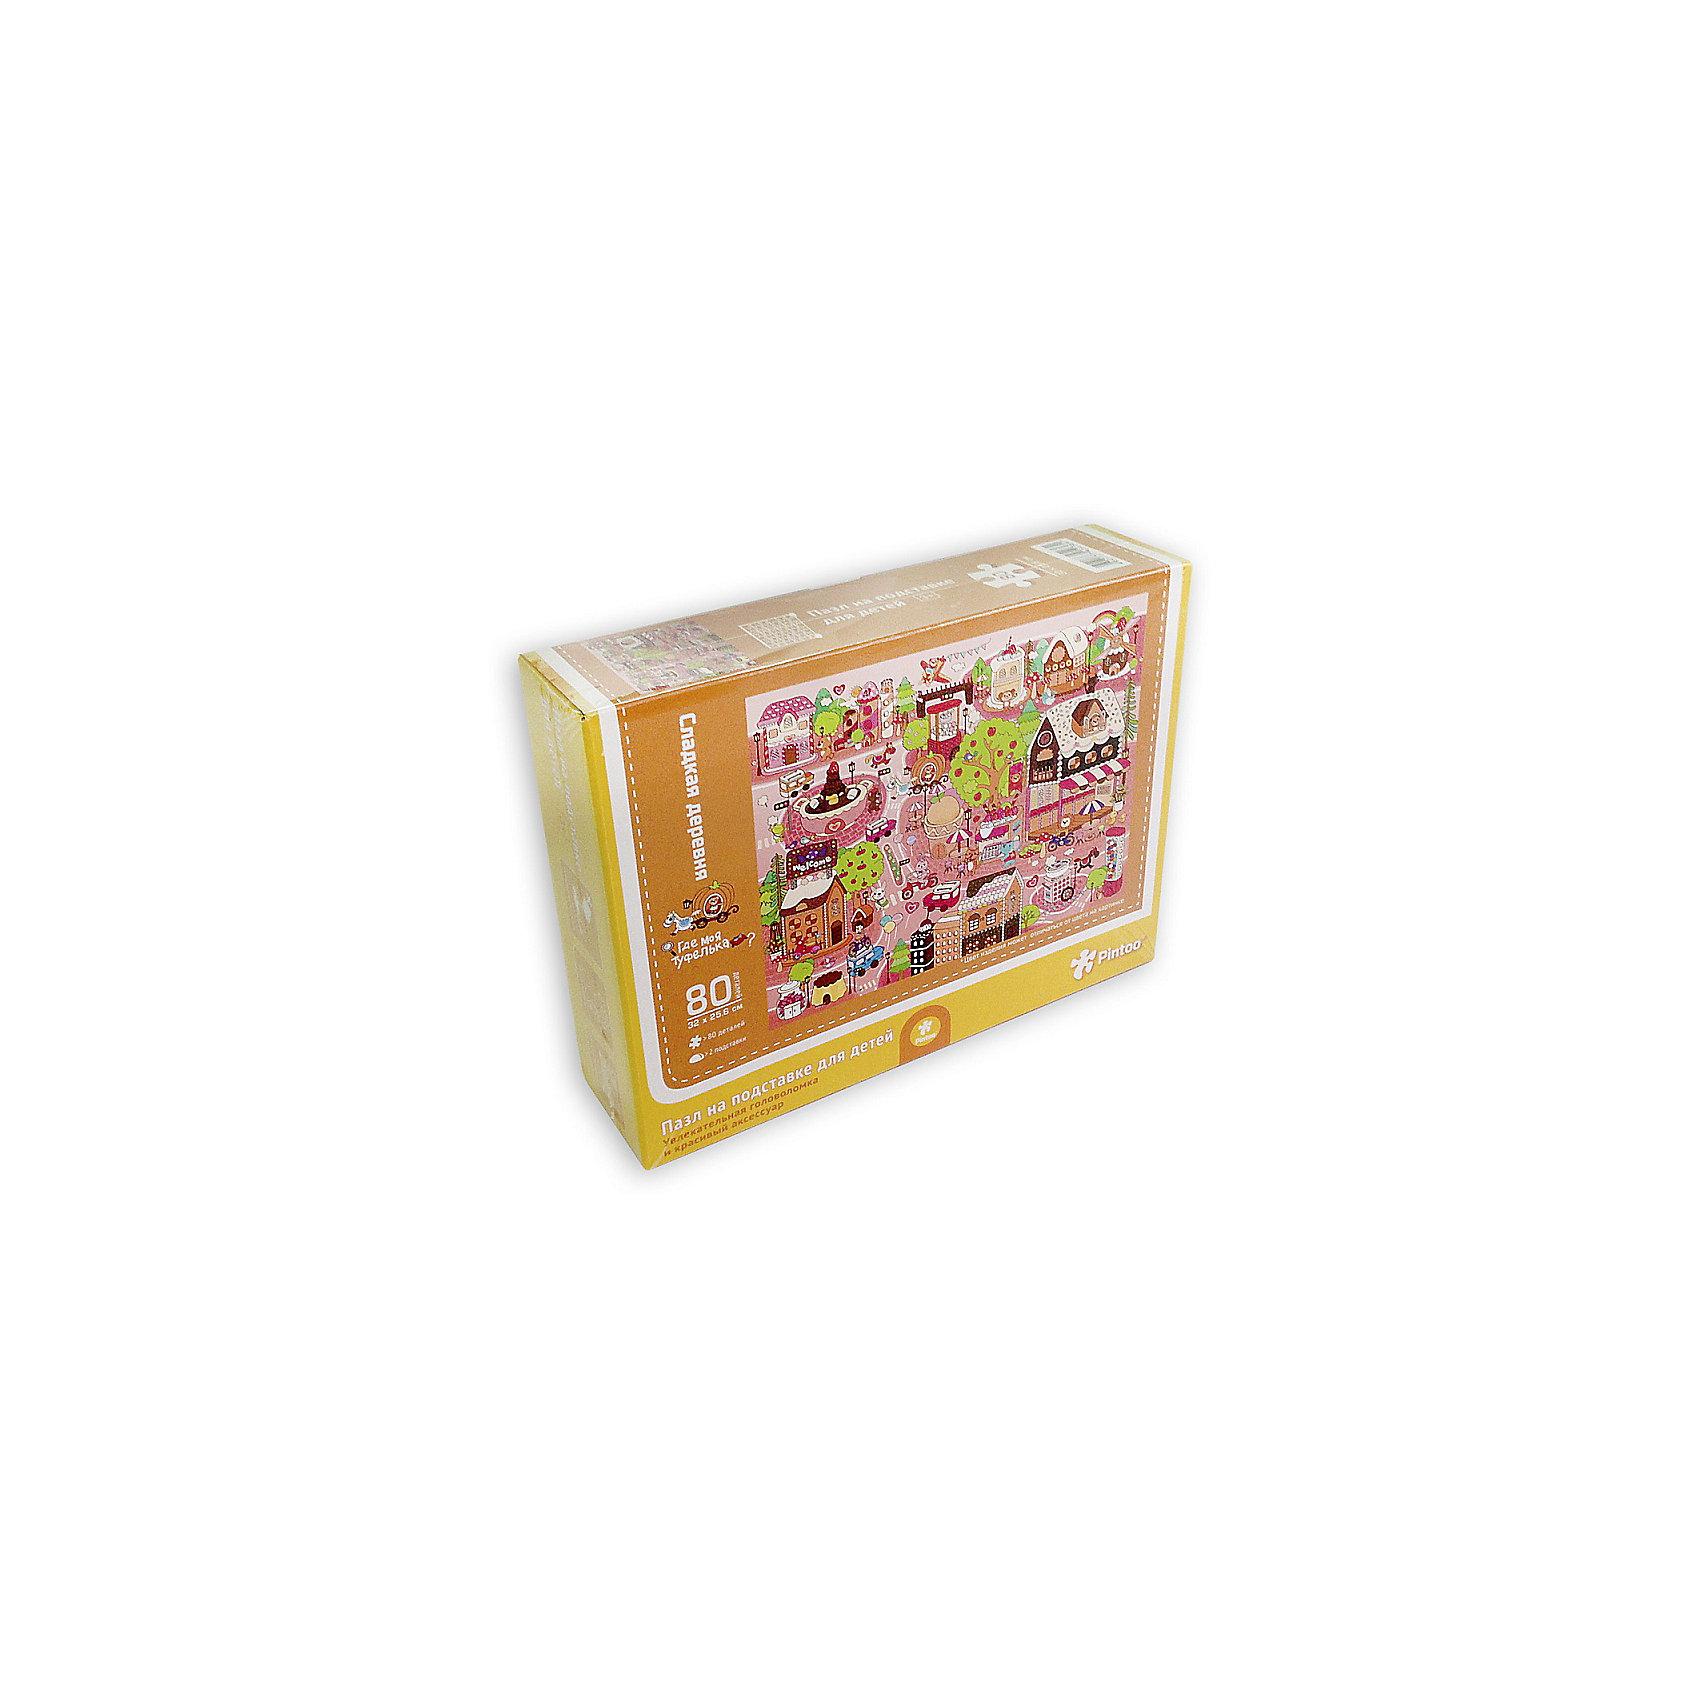 Пазл на подставке Сладкая деревня, 80 деталейПазлы для малышей<br>Характеристики товара:<br><br>• возраст от 3 лет;<br>• материал: картон, пластик;<br>• в комплекте: 80 деталей, 2 подставки;<br>• размер пазла 32х25,6 см;<br>• размер упаковки 32х25,6х5 см;<br>• страна производитель: Китай.<br><br>Пазл на подставке «Сладкая деревня» ГеоДом позволит детям увлекательно провести время. Готовый пазл крепится на специальную подставку, им можно украсить детскую комнату. Собирание пазла развивает у детей концентрацию внимания, мелкую моторику рук, логическое мышление, усидчивость.<br><br>Пазл на подставке «Сладкая деревня» ГеоДом можно приобрести в нашем интернет-магазине.<br><br>Ширина мм: 256<br>Глубина мм: 320<br>Высота мм: 50<br>Вес г: 337<br>Возраст от месяцев: 36<br>Возраст до месяцев: 2147483647<br>Пол: Унисекс<br>Возраст: Детский<br>SKU: 5518191